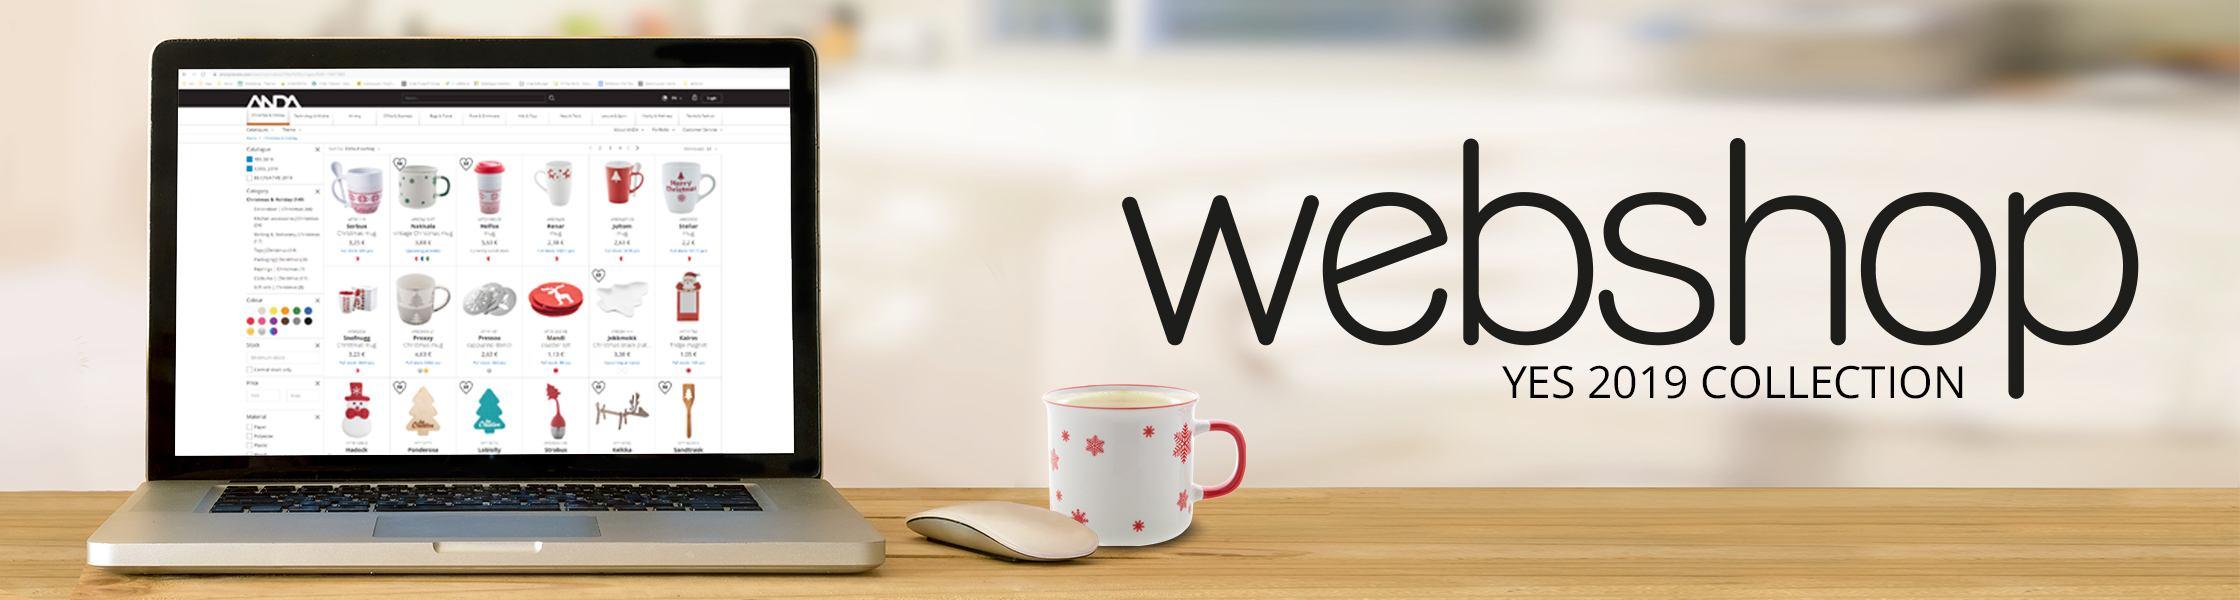 YES - unsere Weihnachts-Kollektion ist nun in unserem Webshop verfügbar